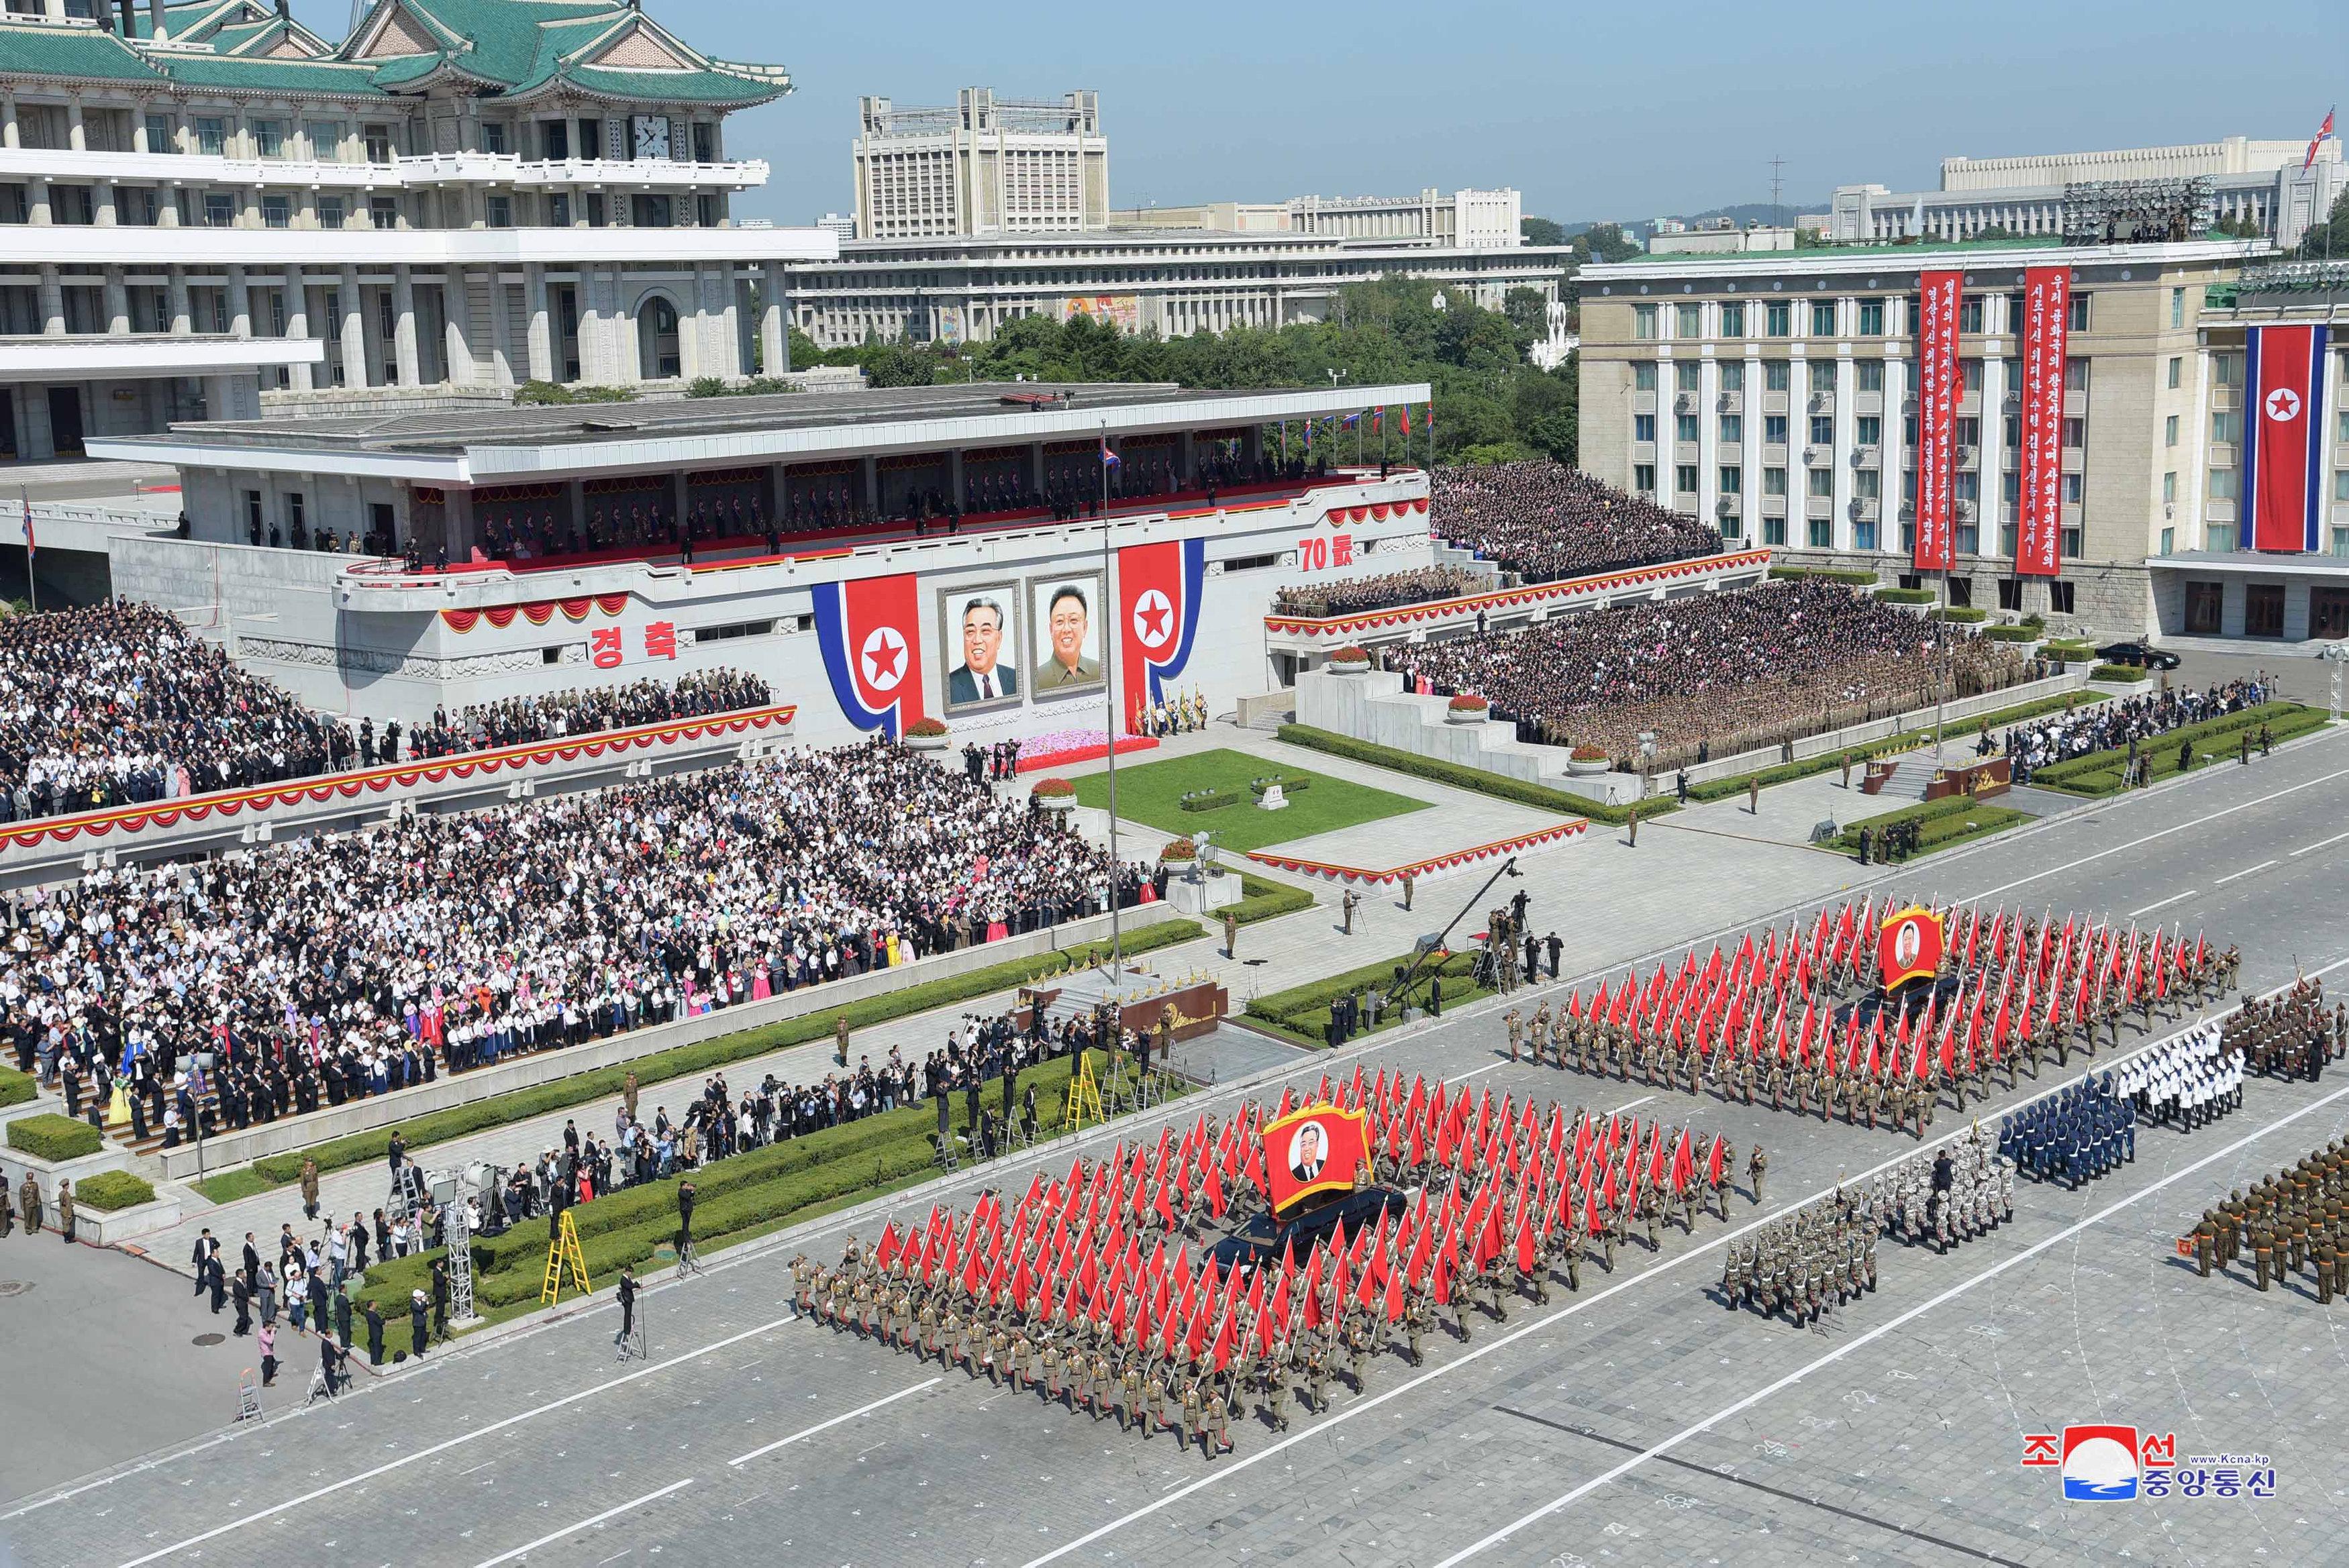 مشهد لأحد العروض العسكرية